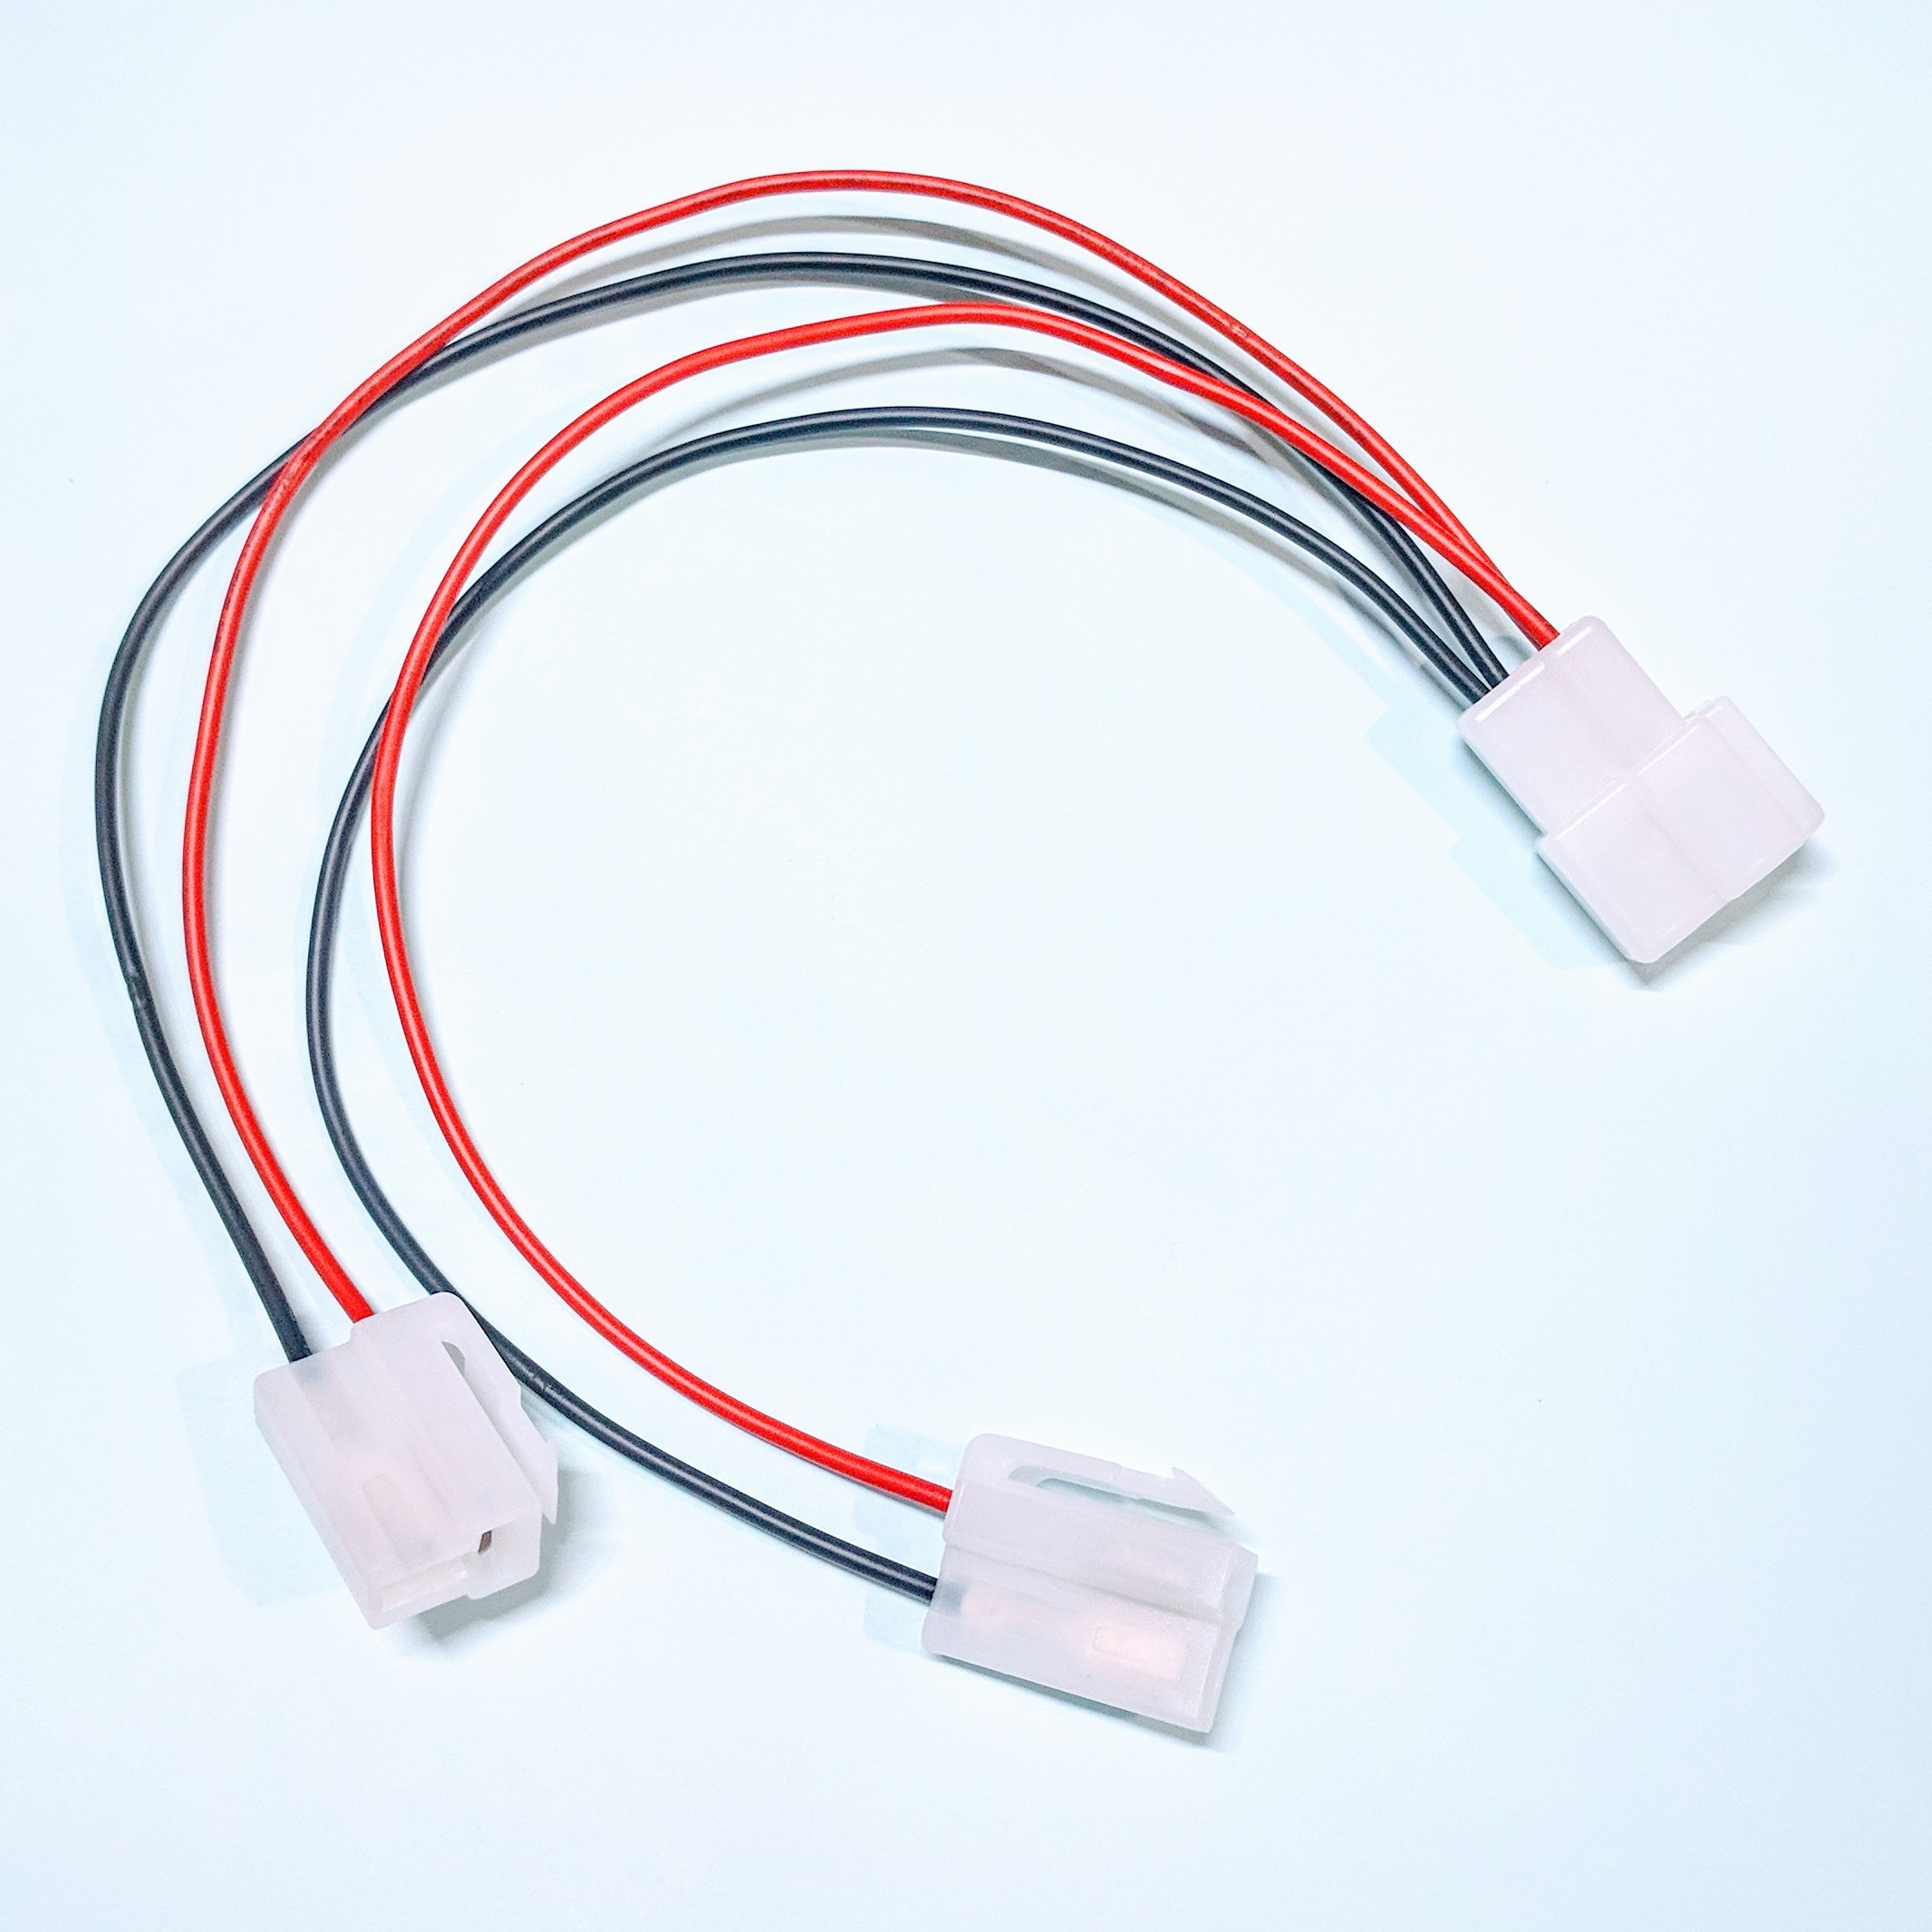 電源分配ケーブル 250型2極カプラ